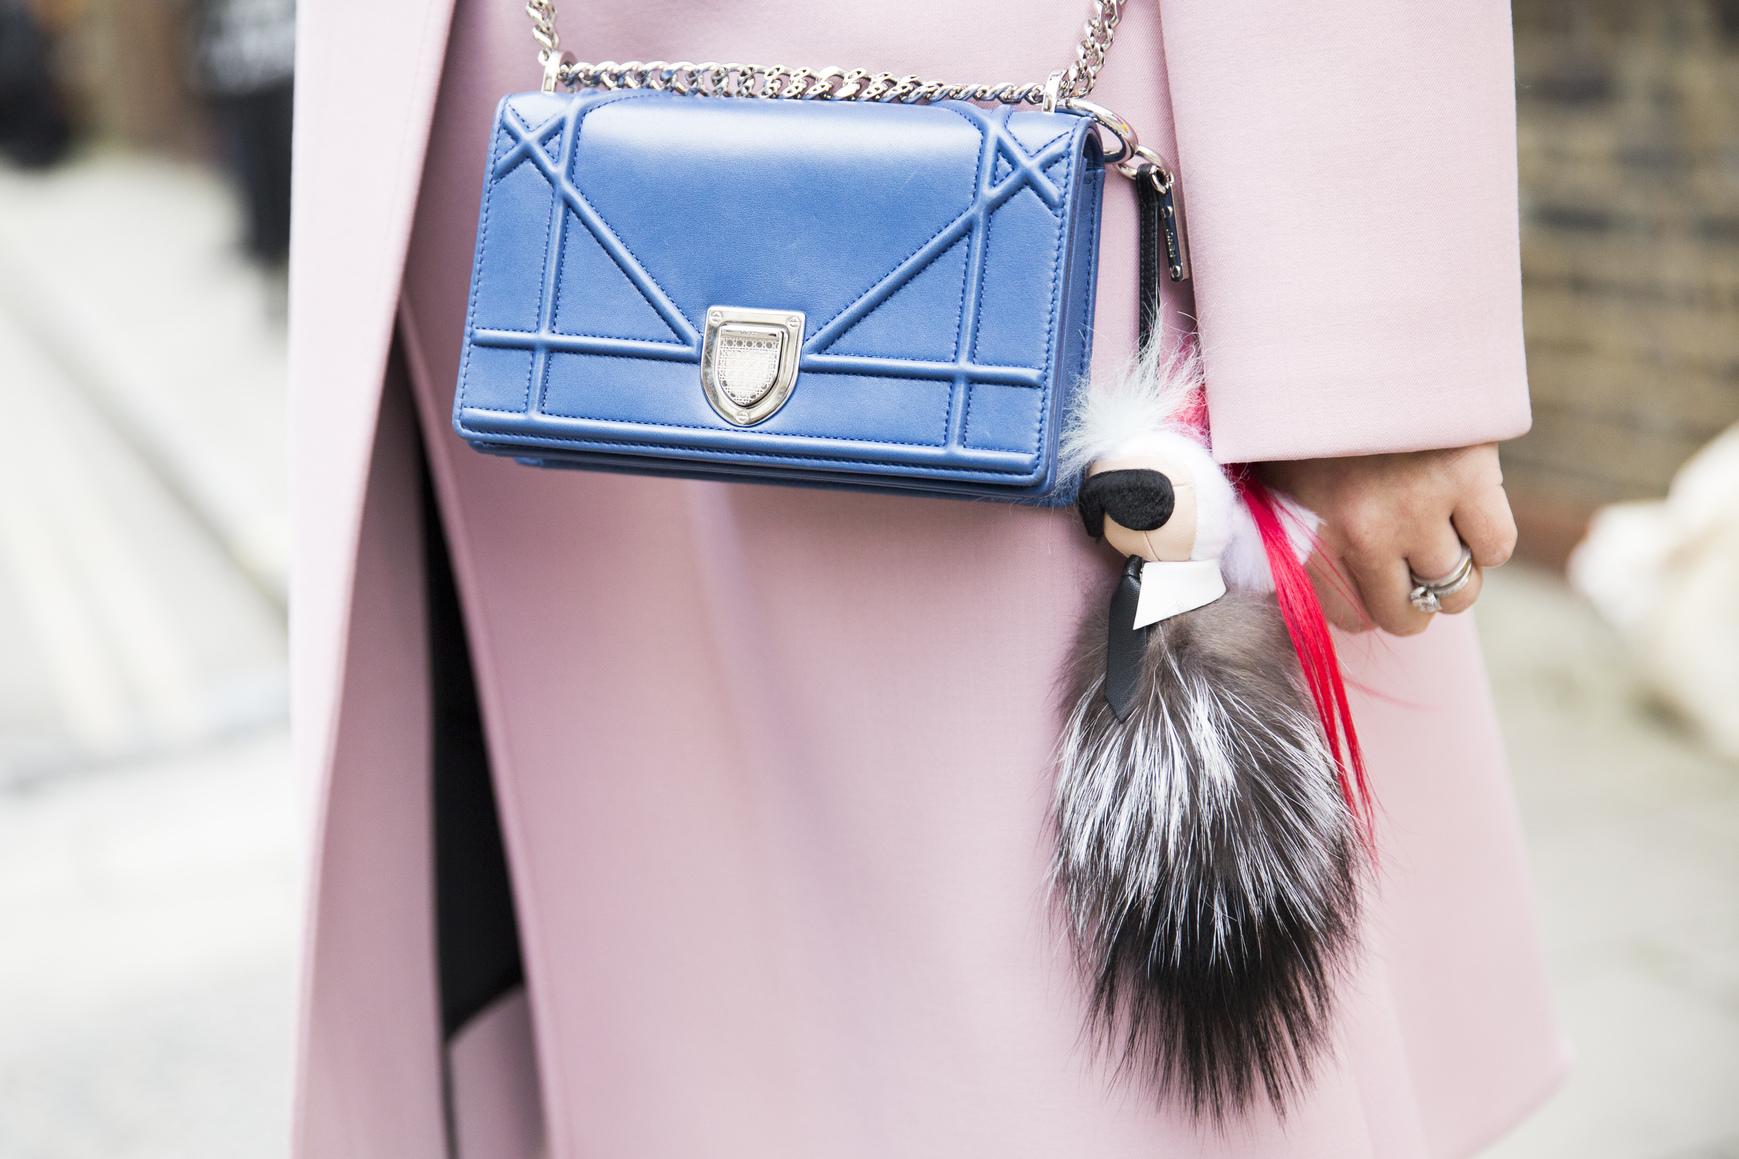 Futrzane, zabawne breloczki stanowią świetny dodatek do każdej torebki!